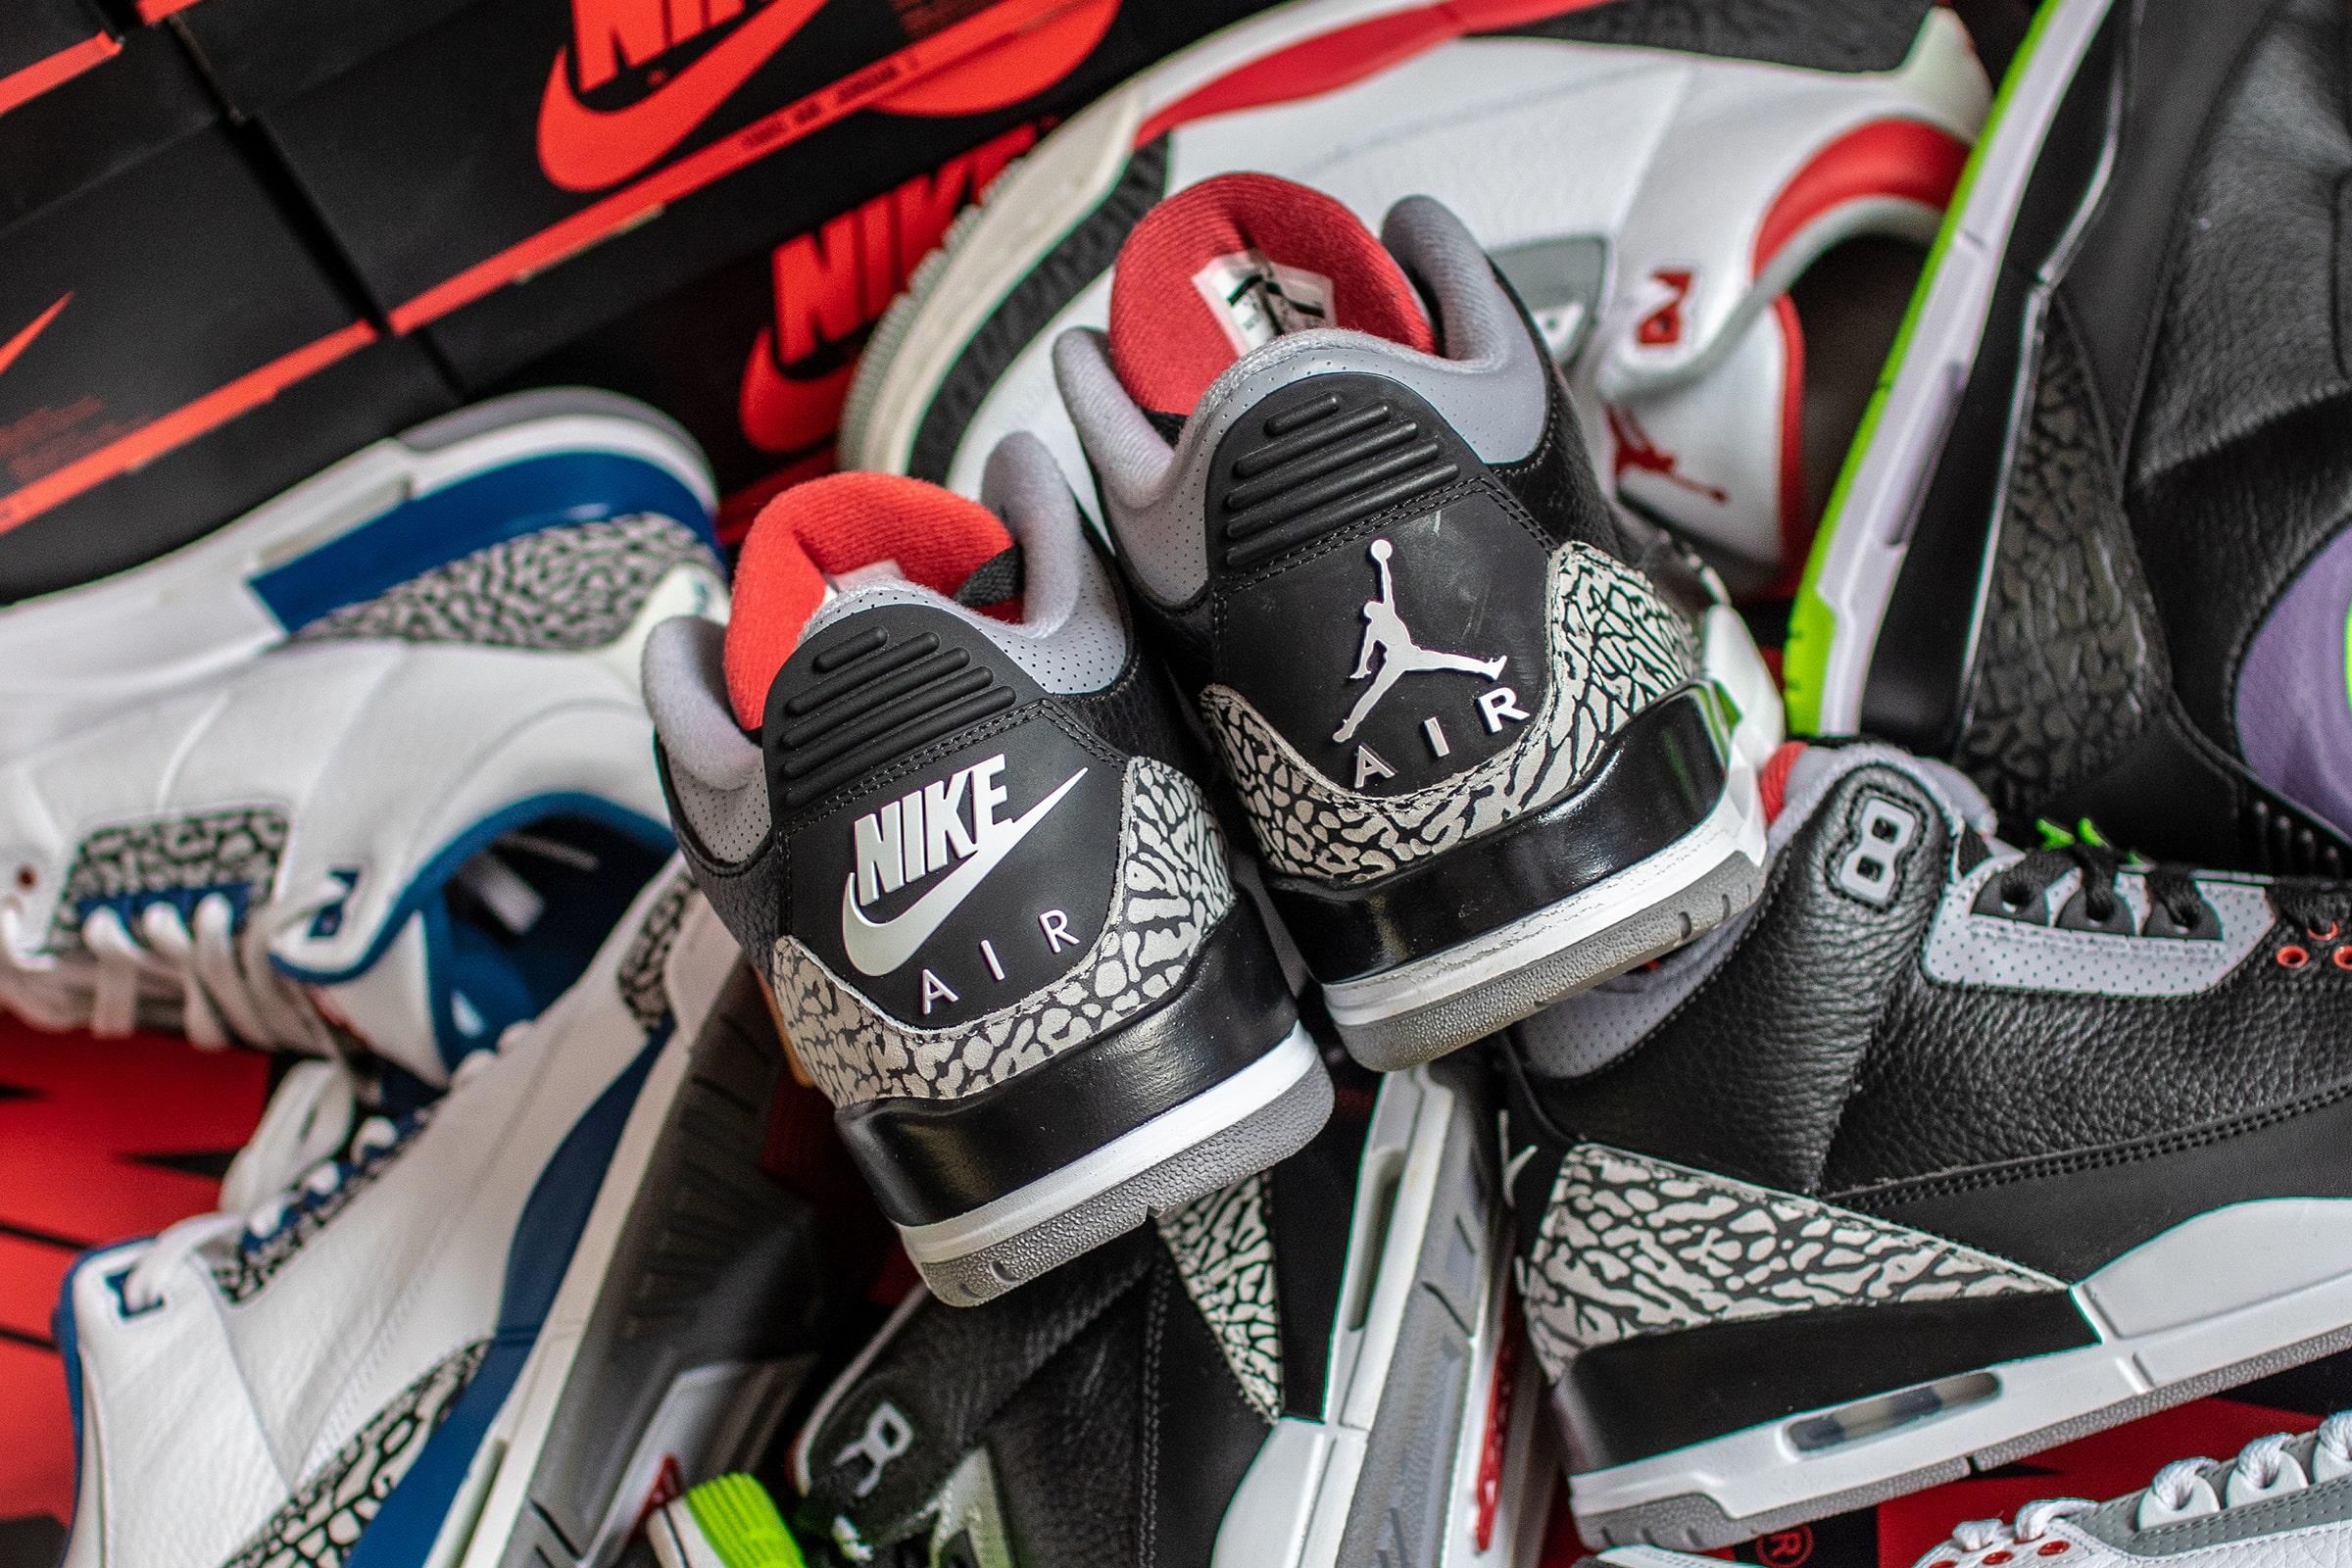 Nike Air Jordan 3 'Black Cement' - 2018 & 2011